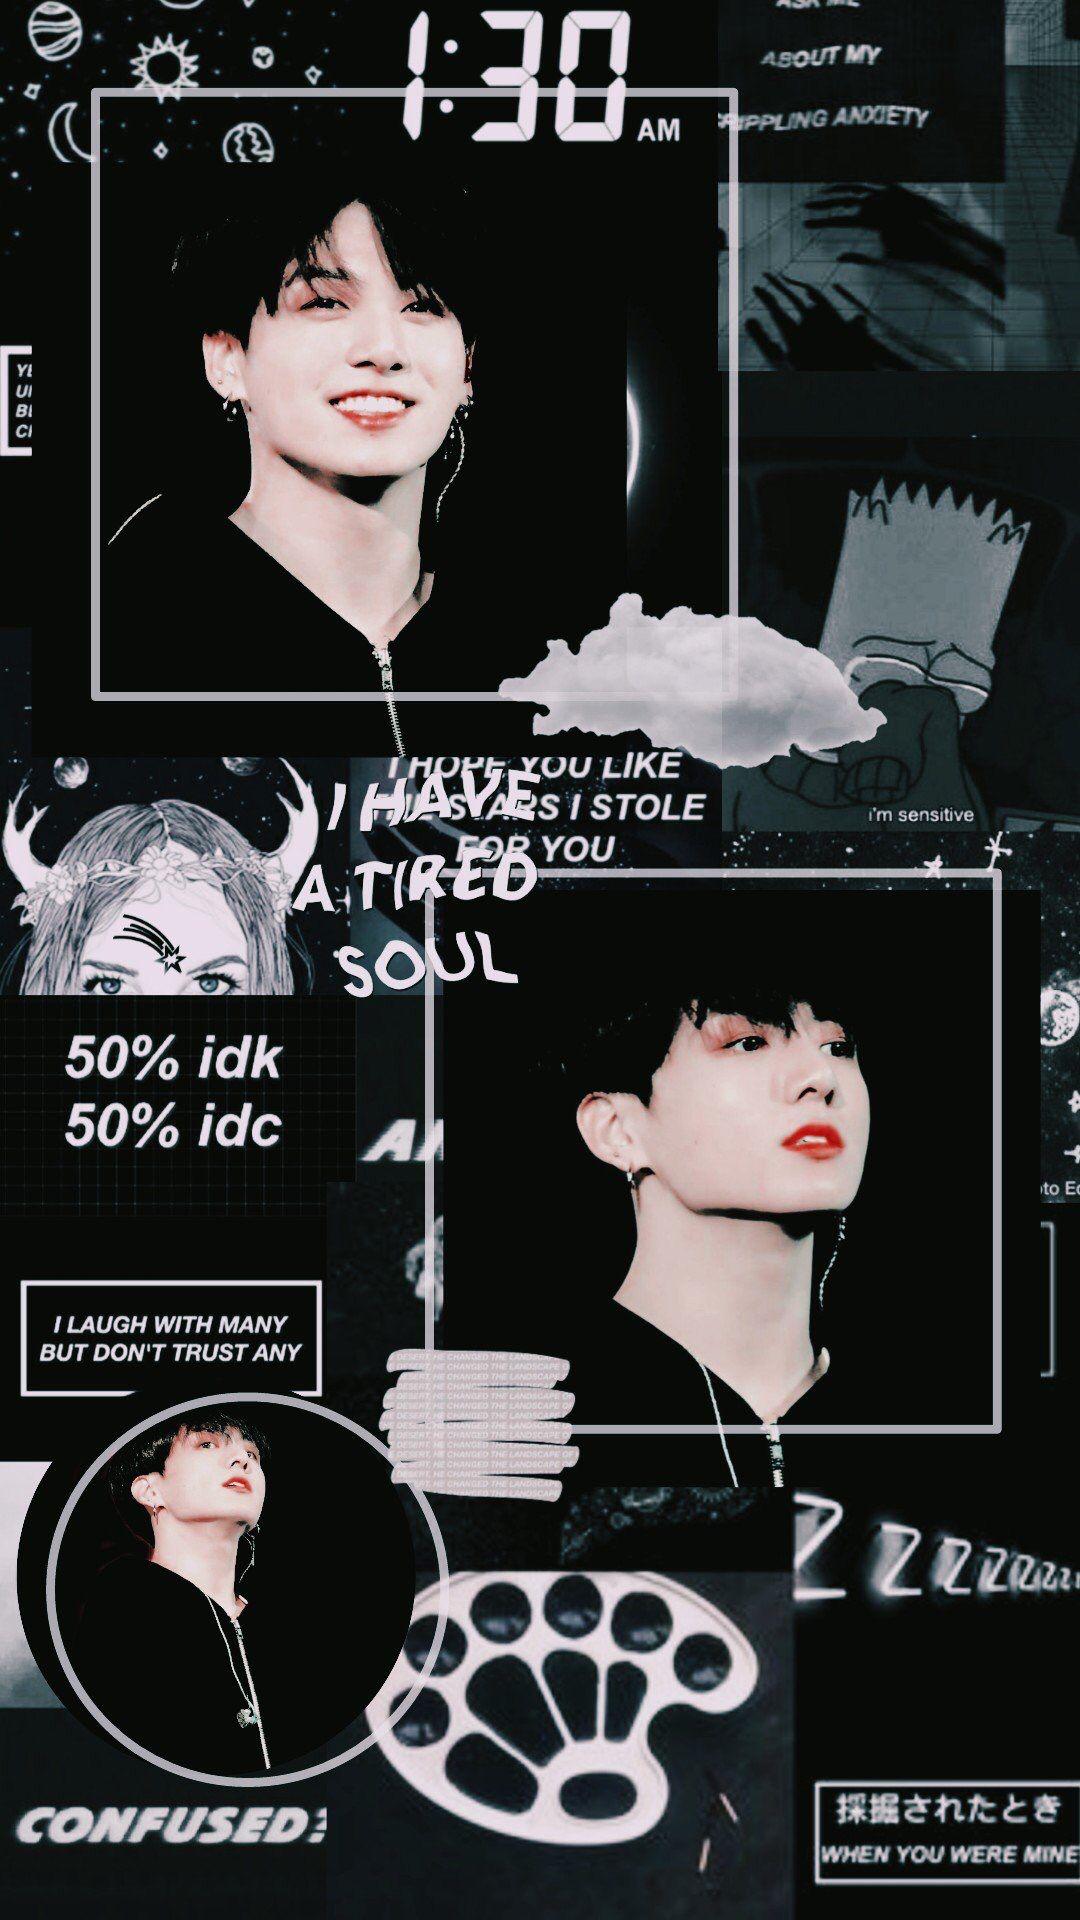 Bts Jungkook Black Aesthetic Wallpaper Lockscreen Wallpaper Bts Gambar Janji Pernikahan